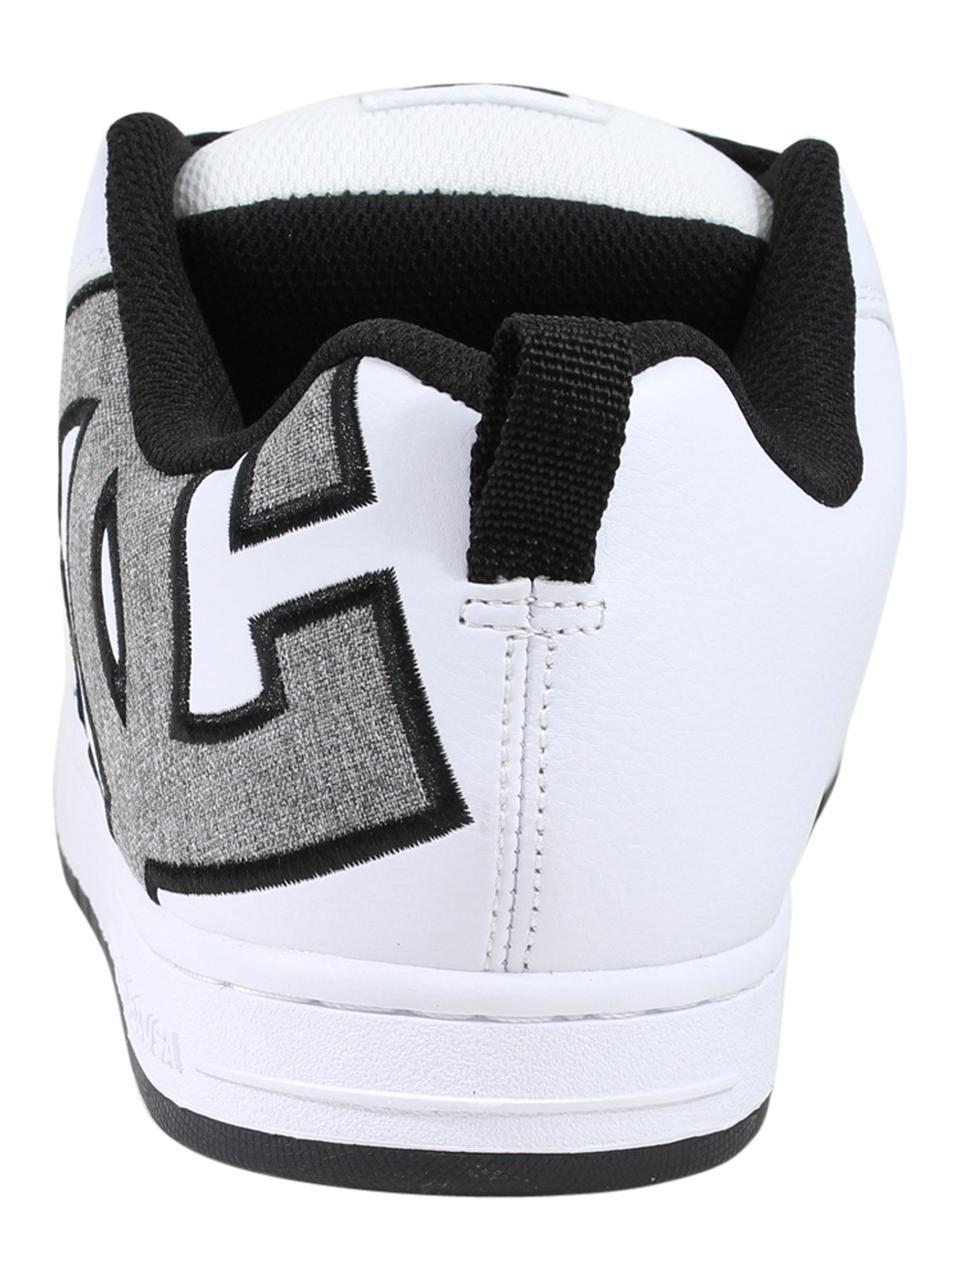 DC Shoes Men/'s Court Graffik SE Skateboarding Sneakers Shoes